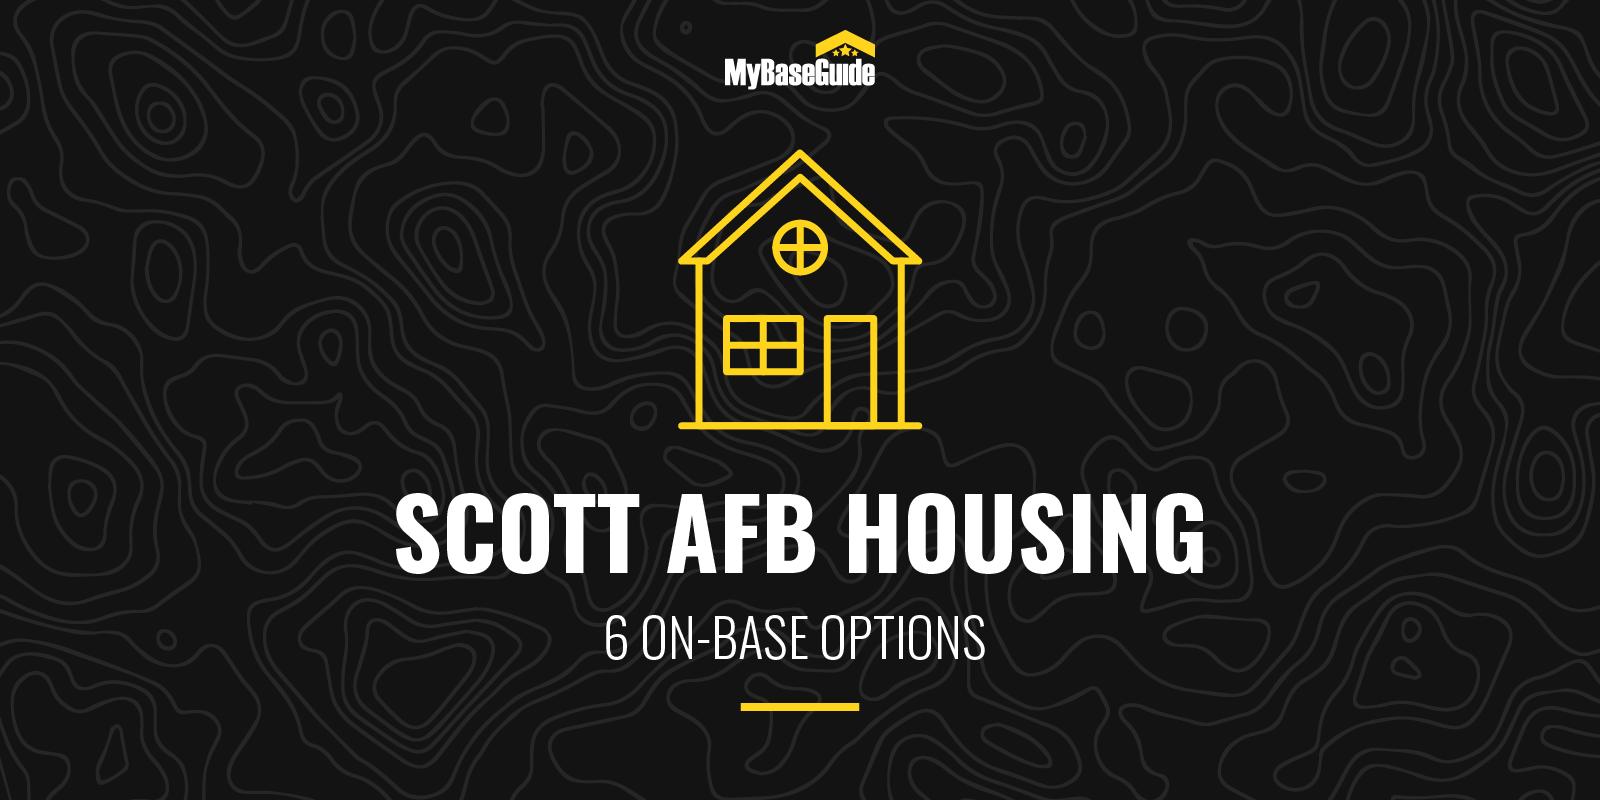 Scott AFB Housing Options